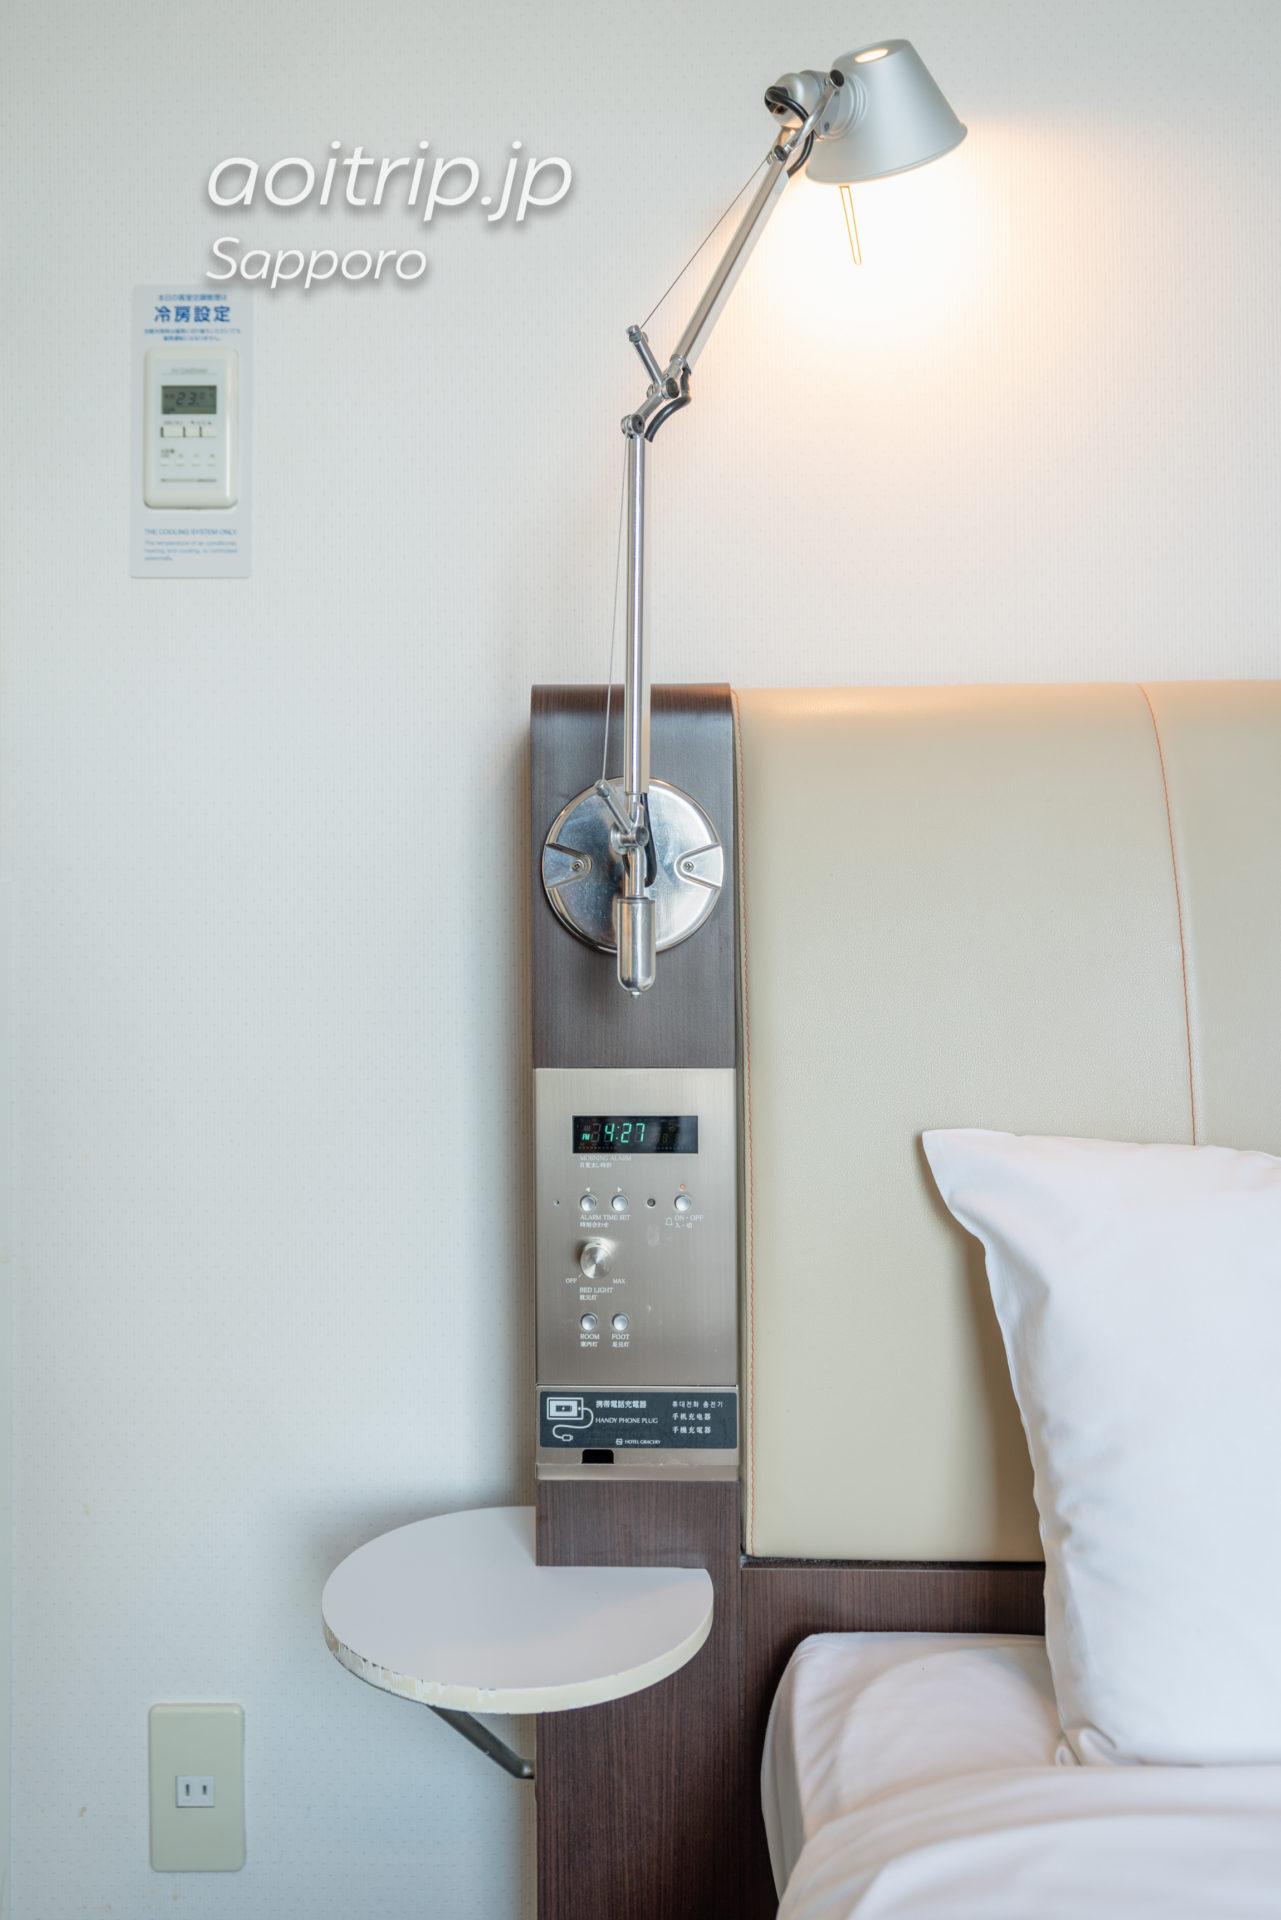 ホテル グレイスリー札幌 Hotel Gracery Sapporo スタンダードセミダブルルーム Standard Semi Double Room